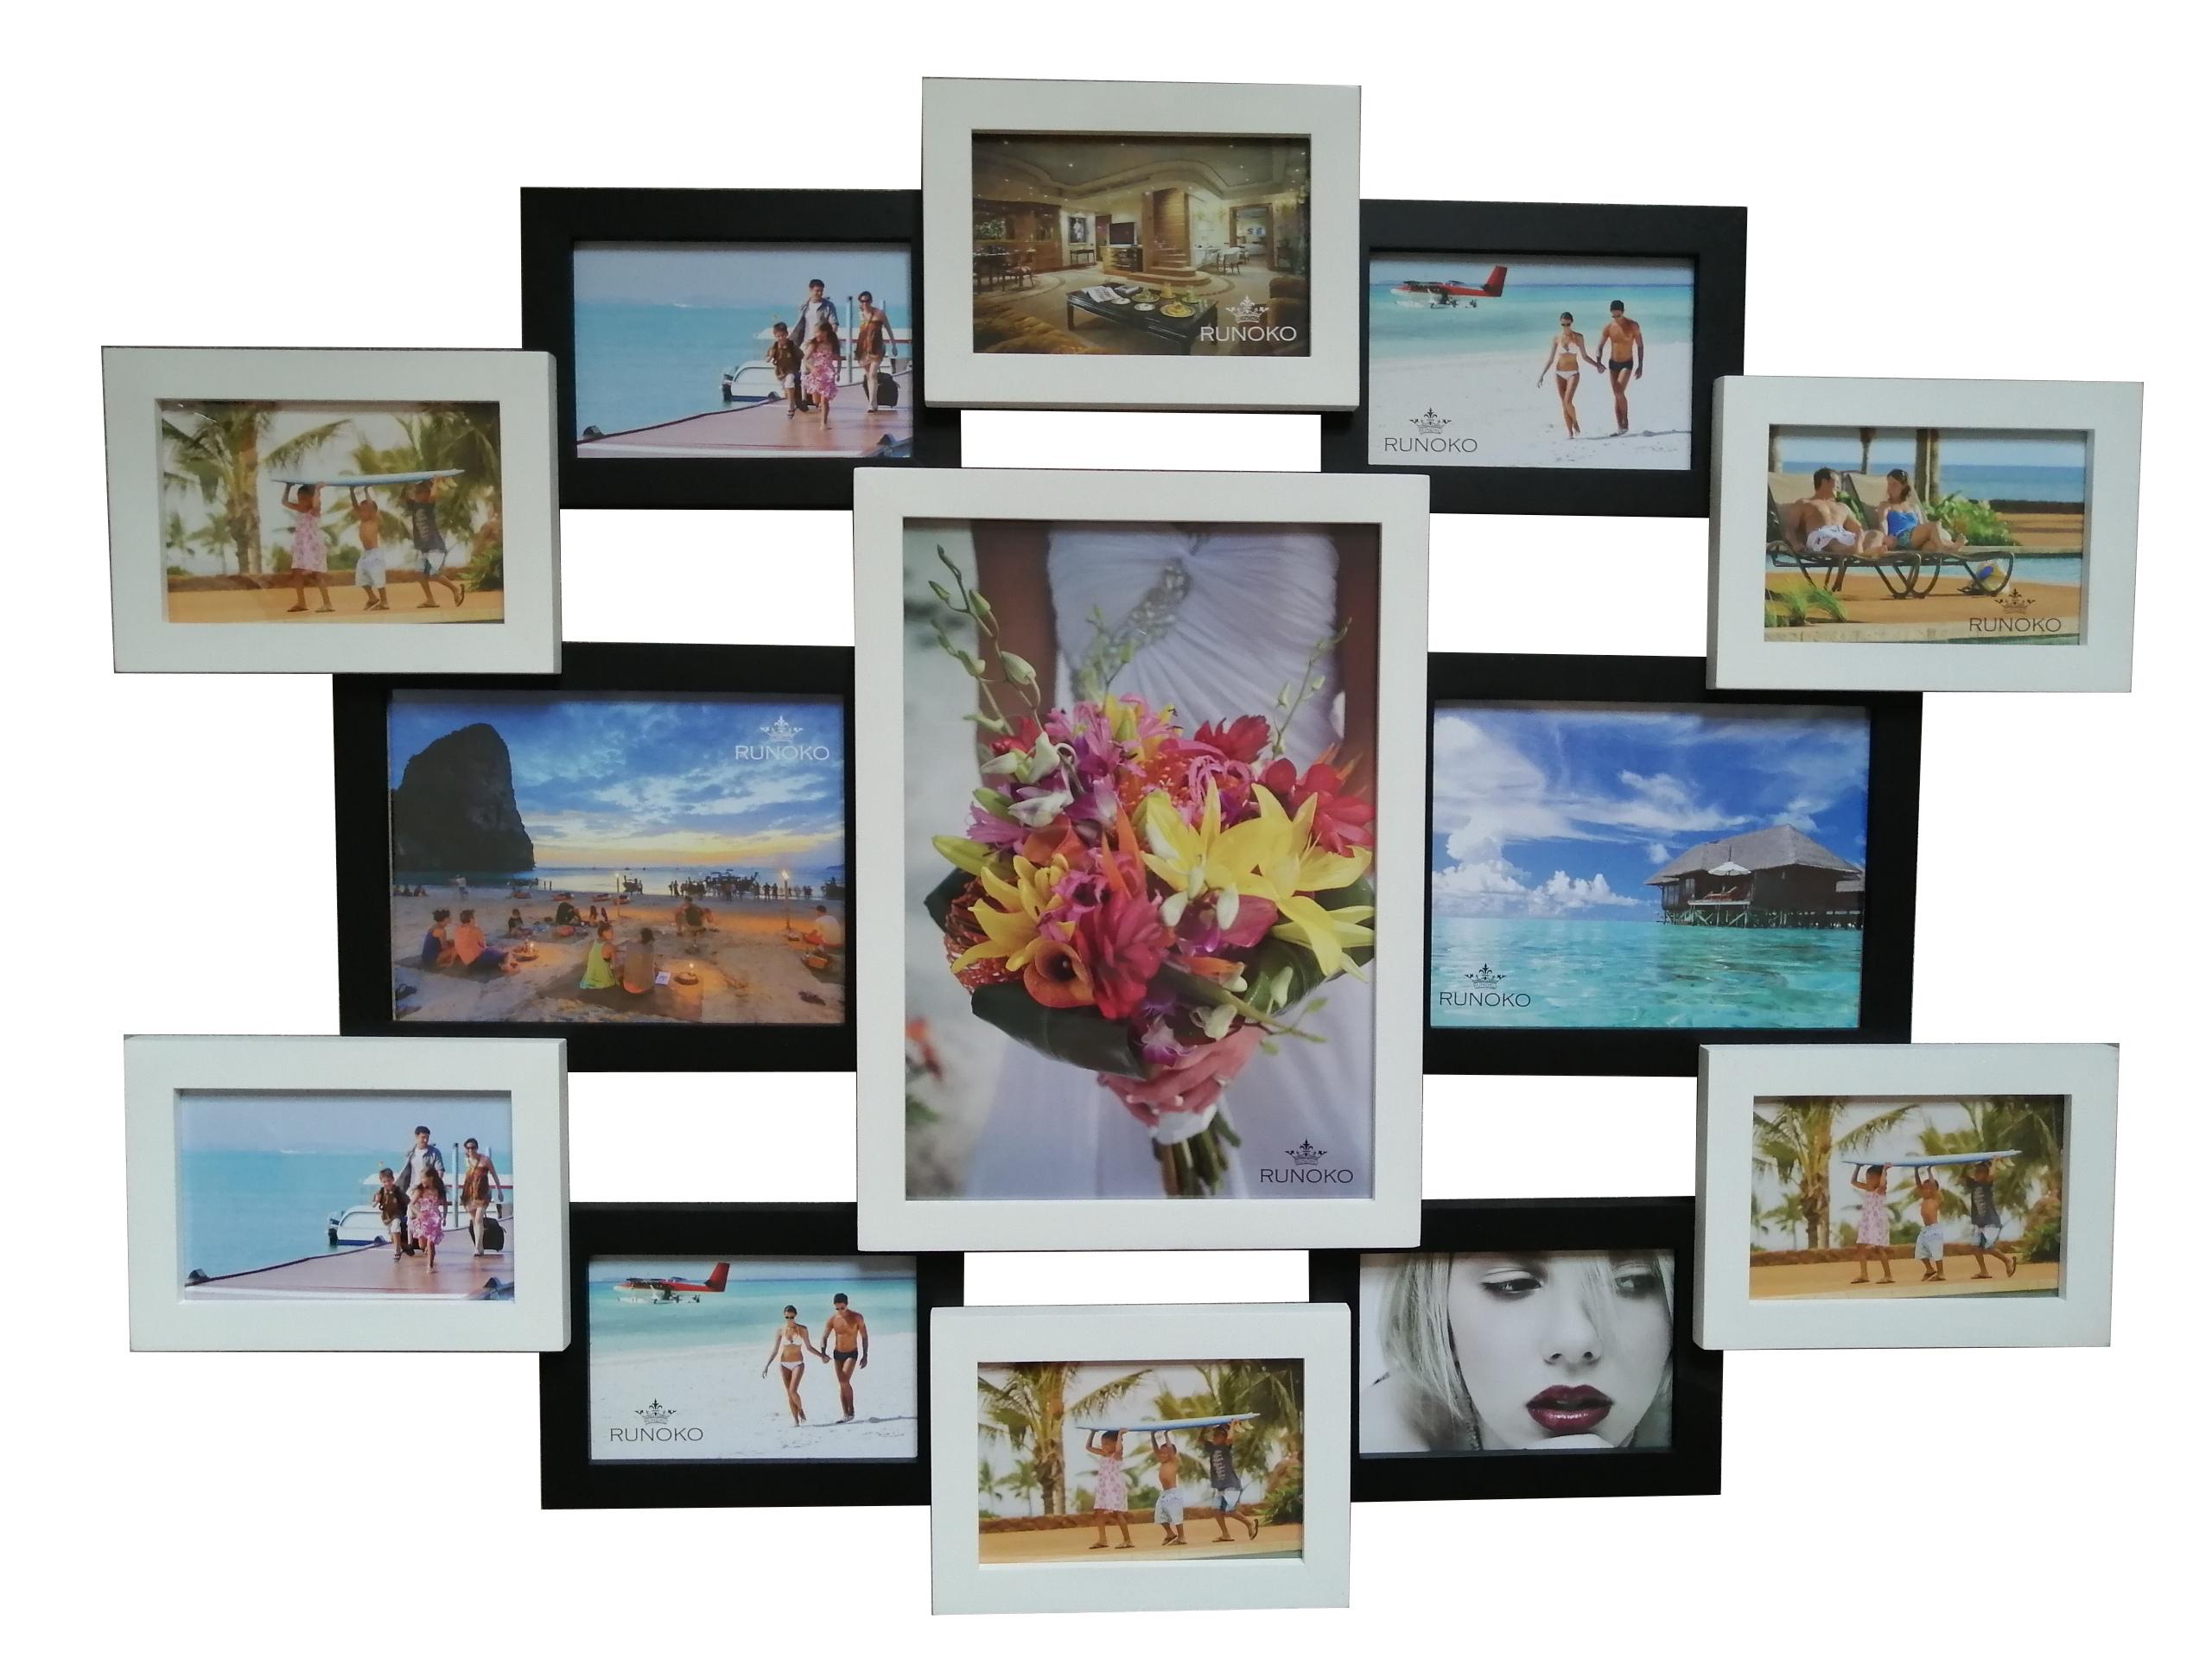 купить рамку для фотографий деревянную Вышгород